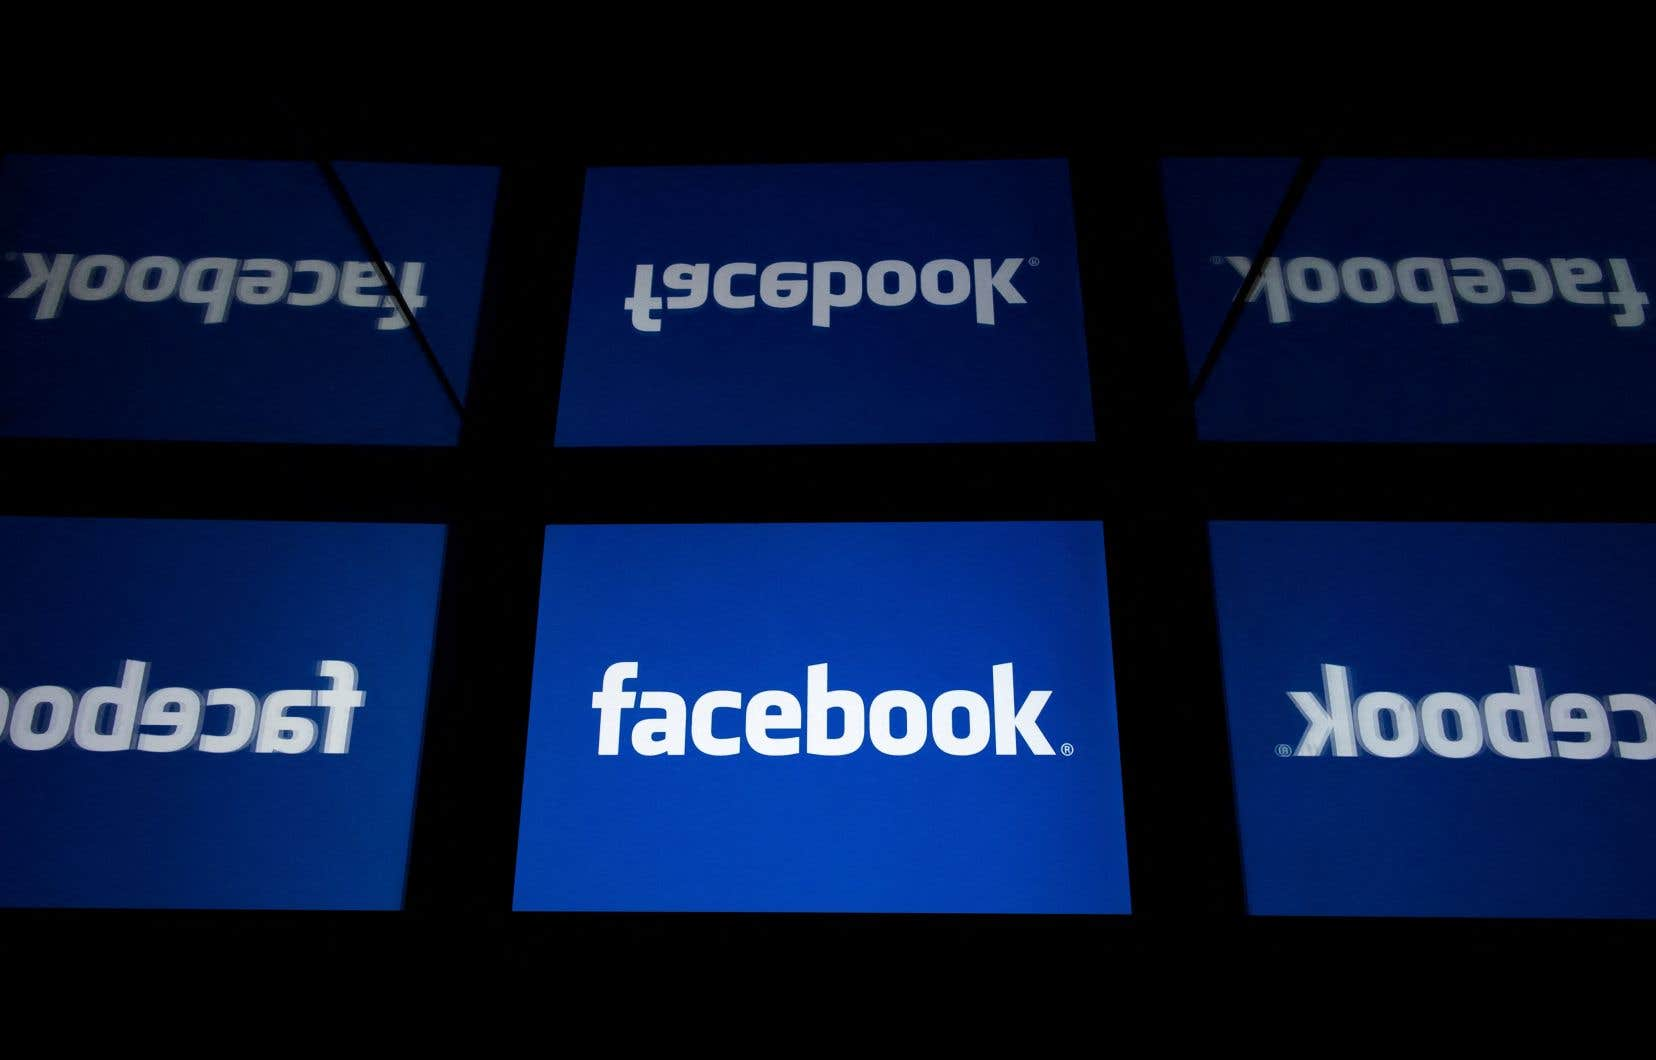 La semaine dernière, Facebook avait bloqué la publication de liens renvoyant vers des articles d'actualité et les pages des médias du pays.